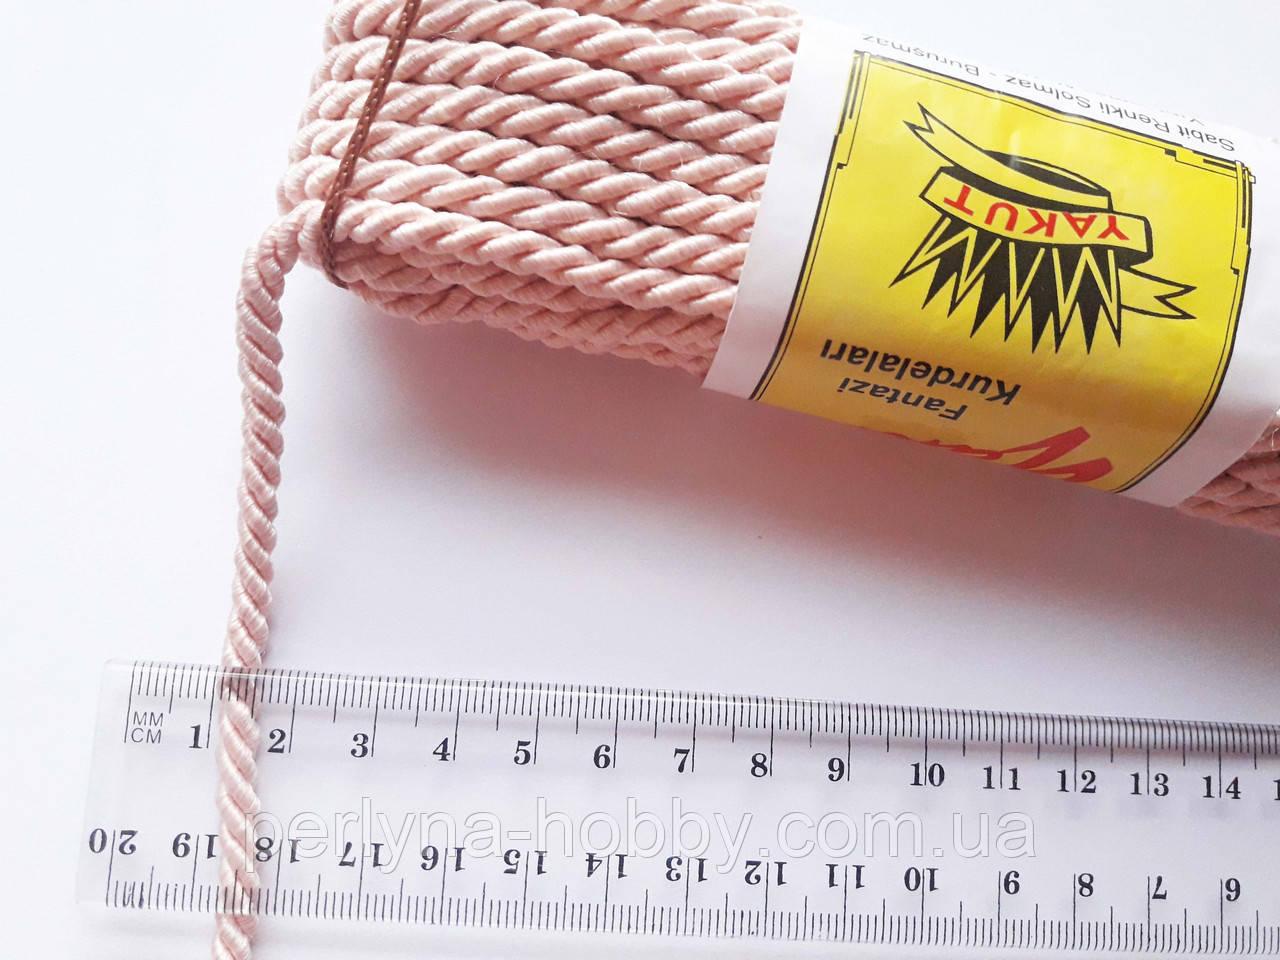 Шнур текстильный декоративный, рожевий світлий (пудра). Діаметр 5 мм.  Моток 9.5-10 метрів. Туреччина.